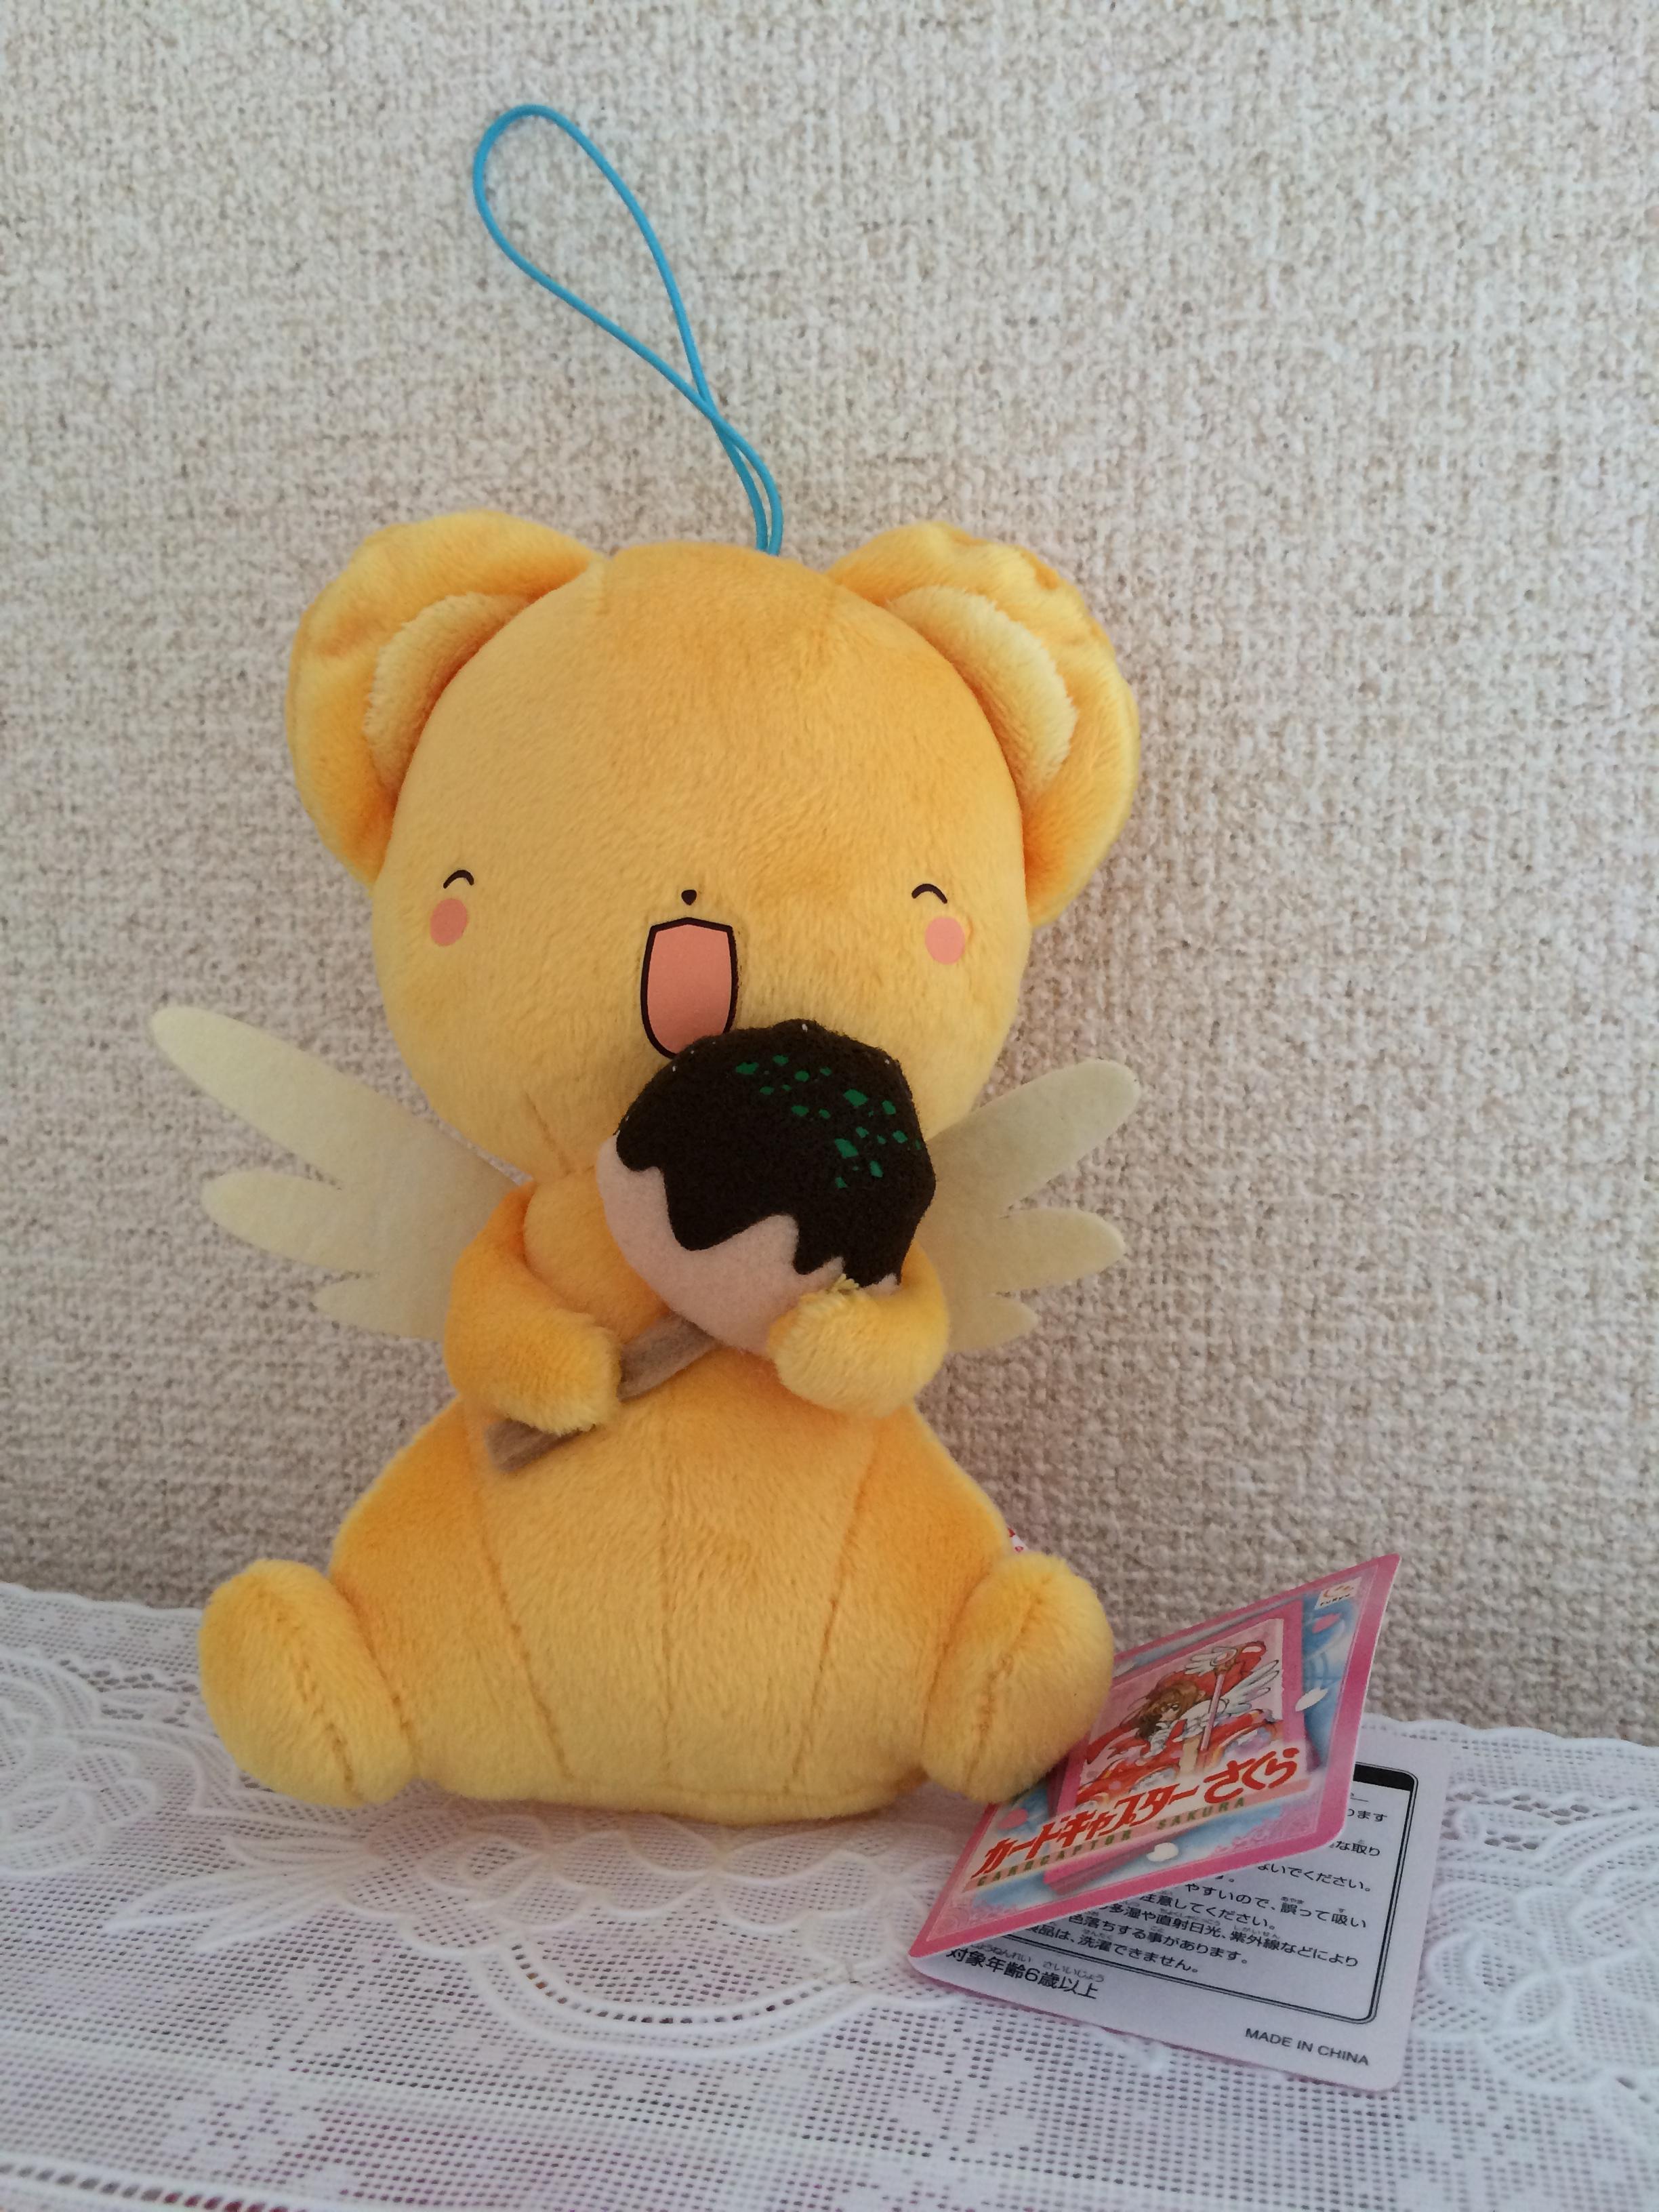 <พร้อมส่ง> ตุ๊กตาห้อยเคโระ การ์ดแค็ปเตอร์ซากุระ